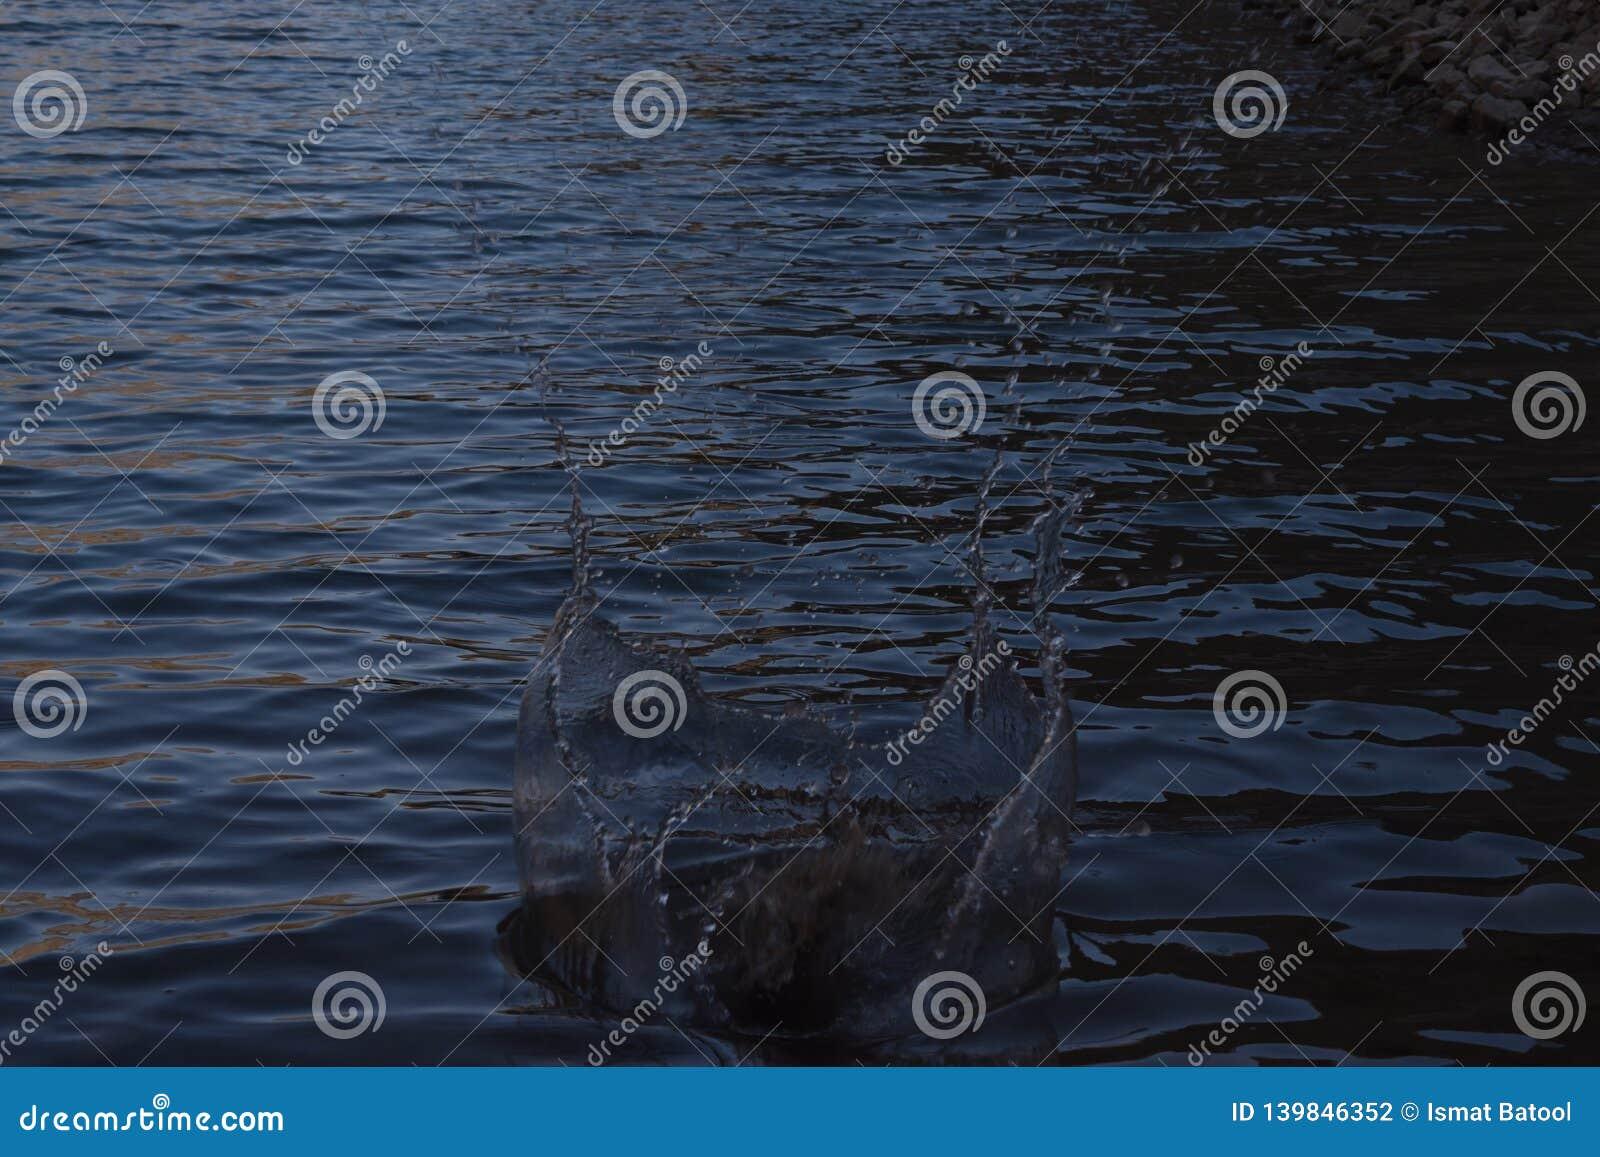 Water splash in River